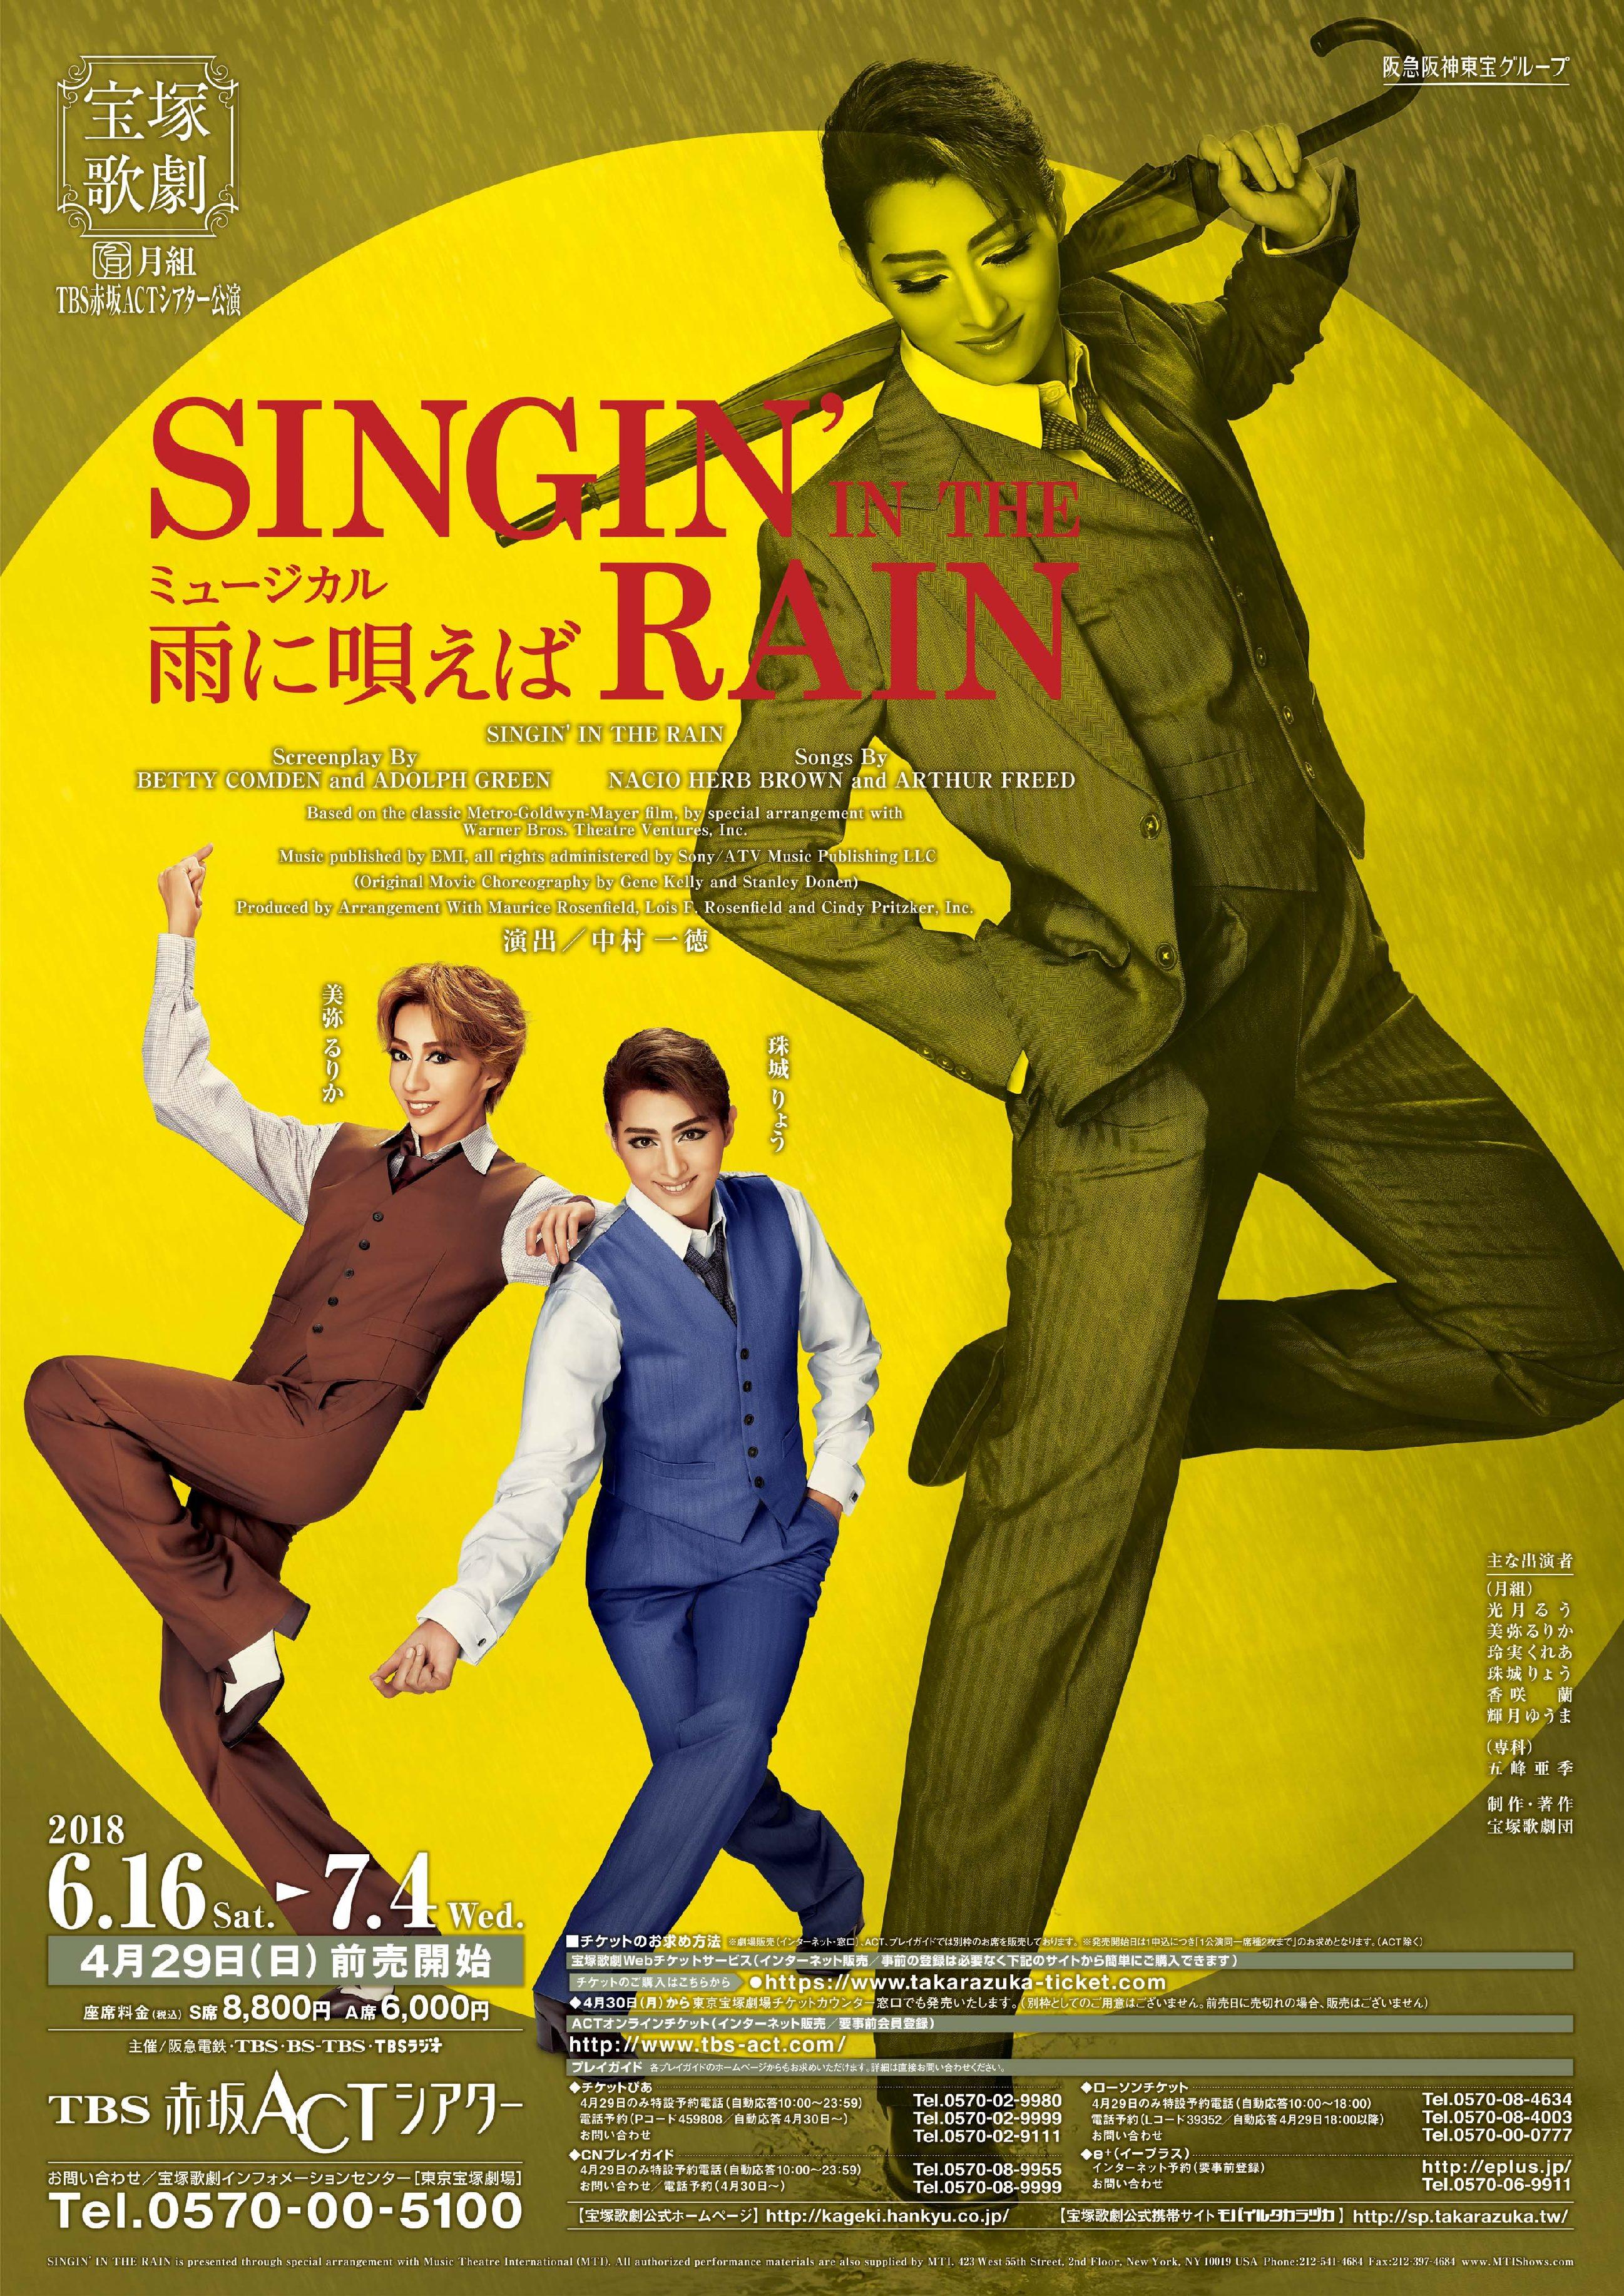 宝塚歌劇月組 TBS赤坂ACTシアター公演<br>ミュージカル「雨に唄えば」